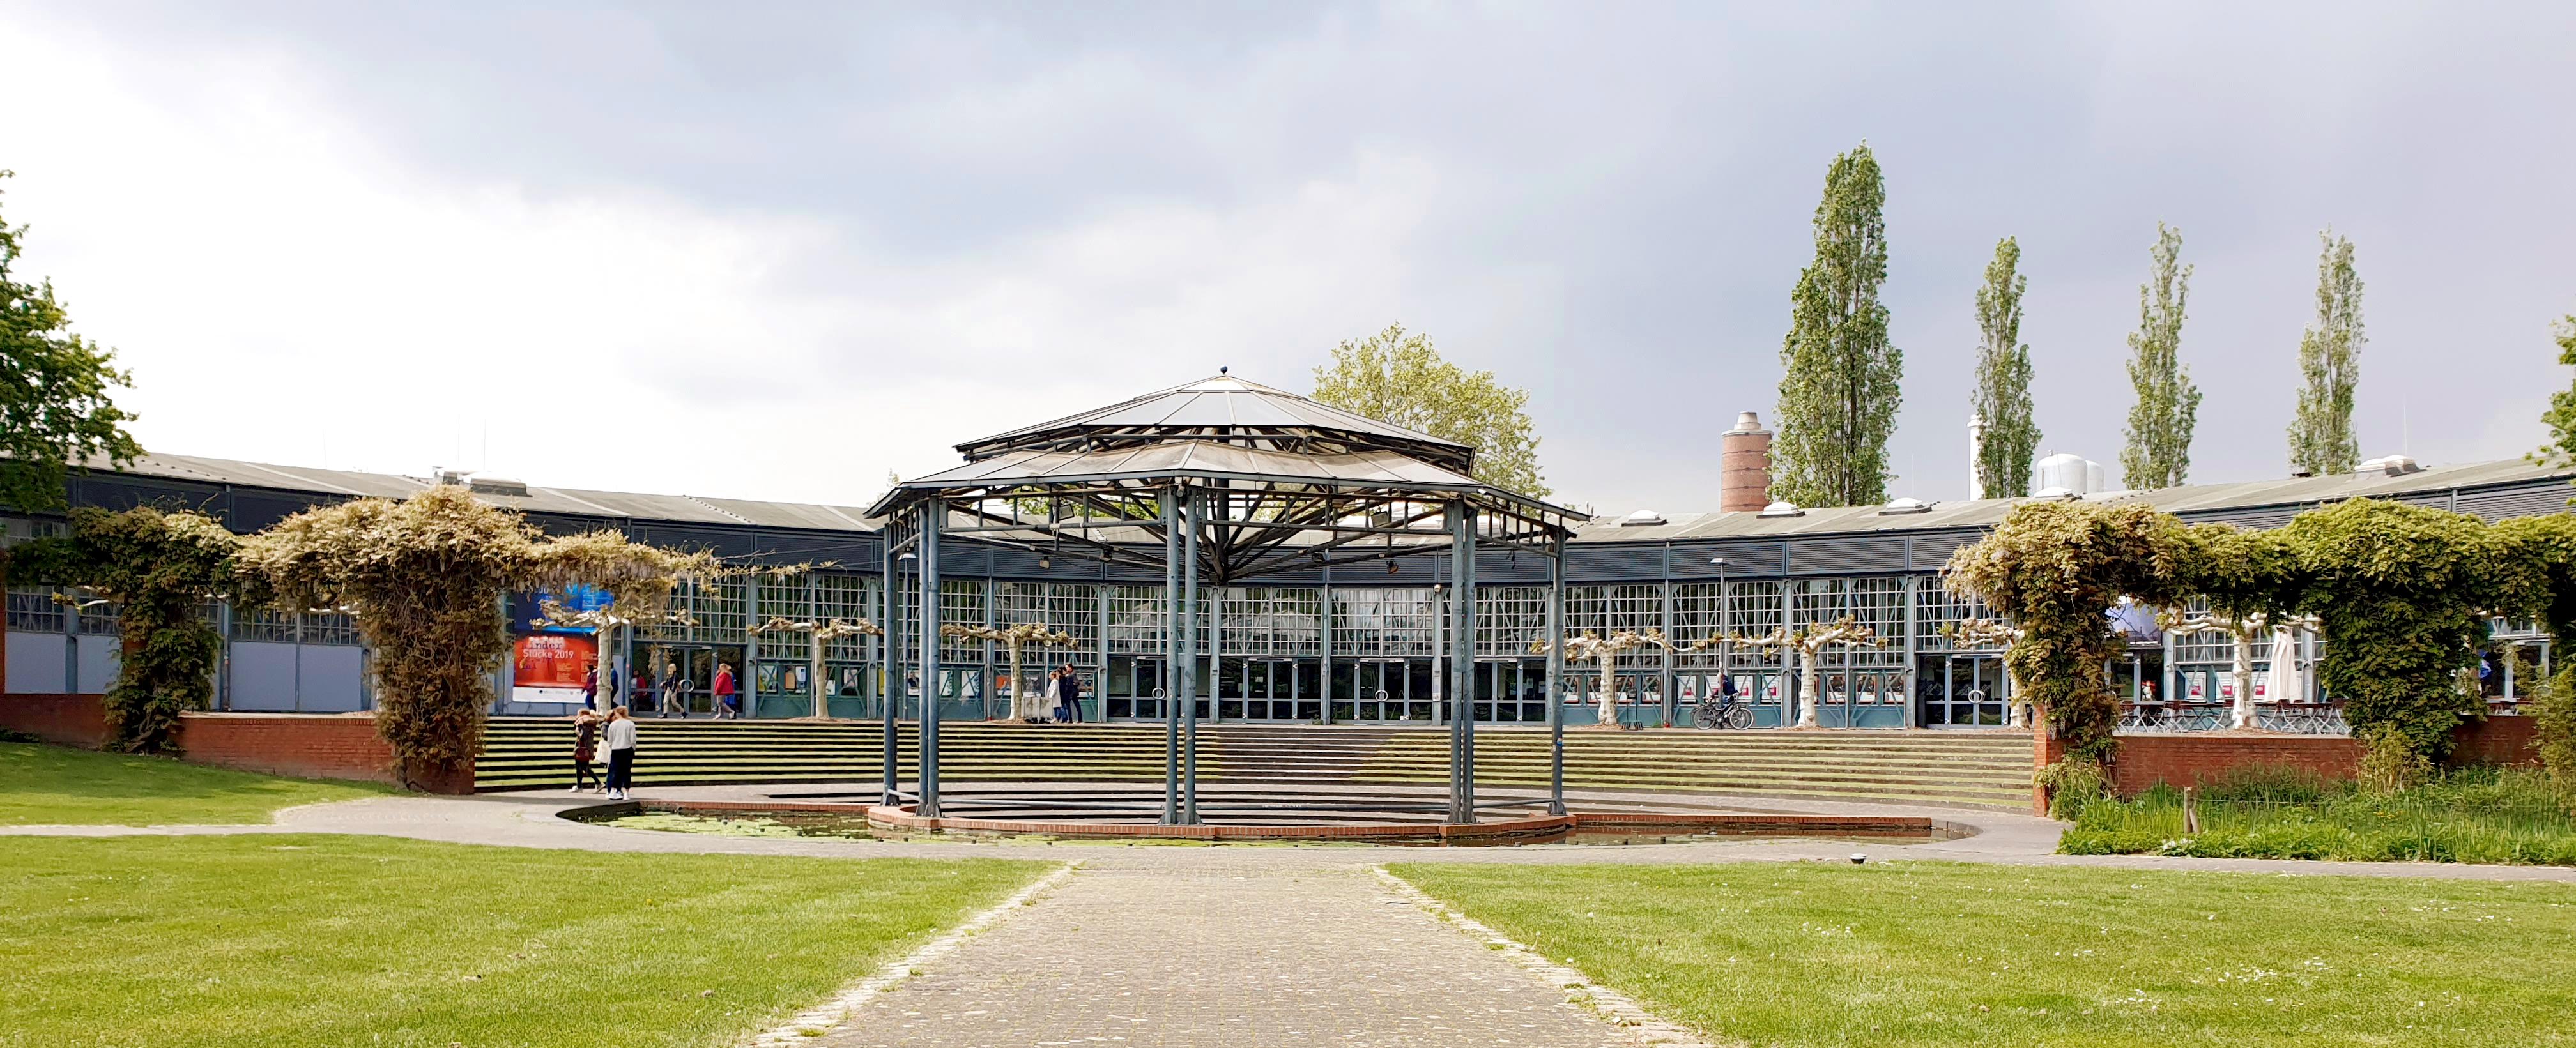 Das Bild zeigt den Ringlokschuppen in Mülheim